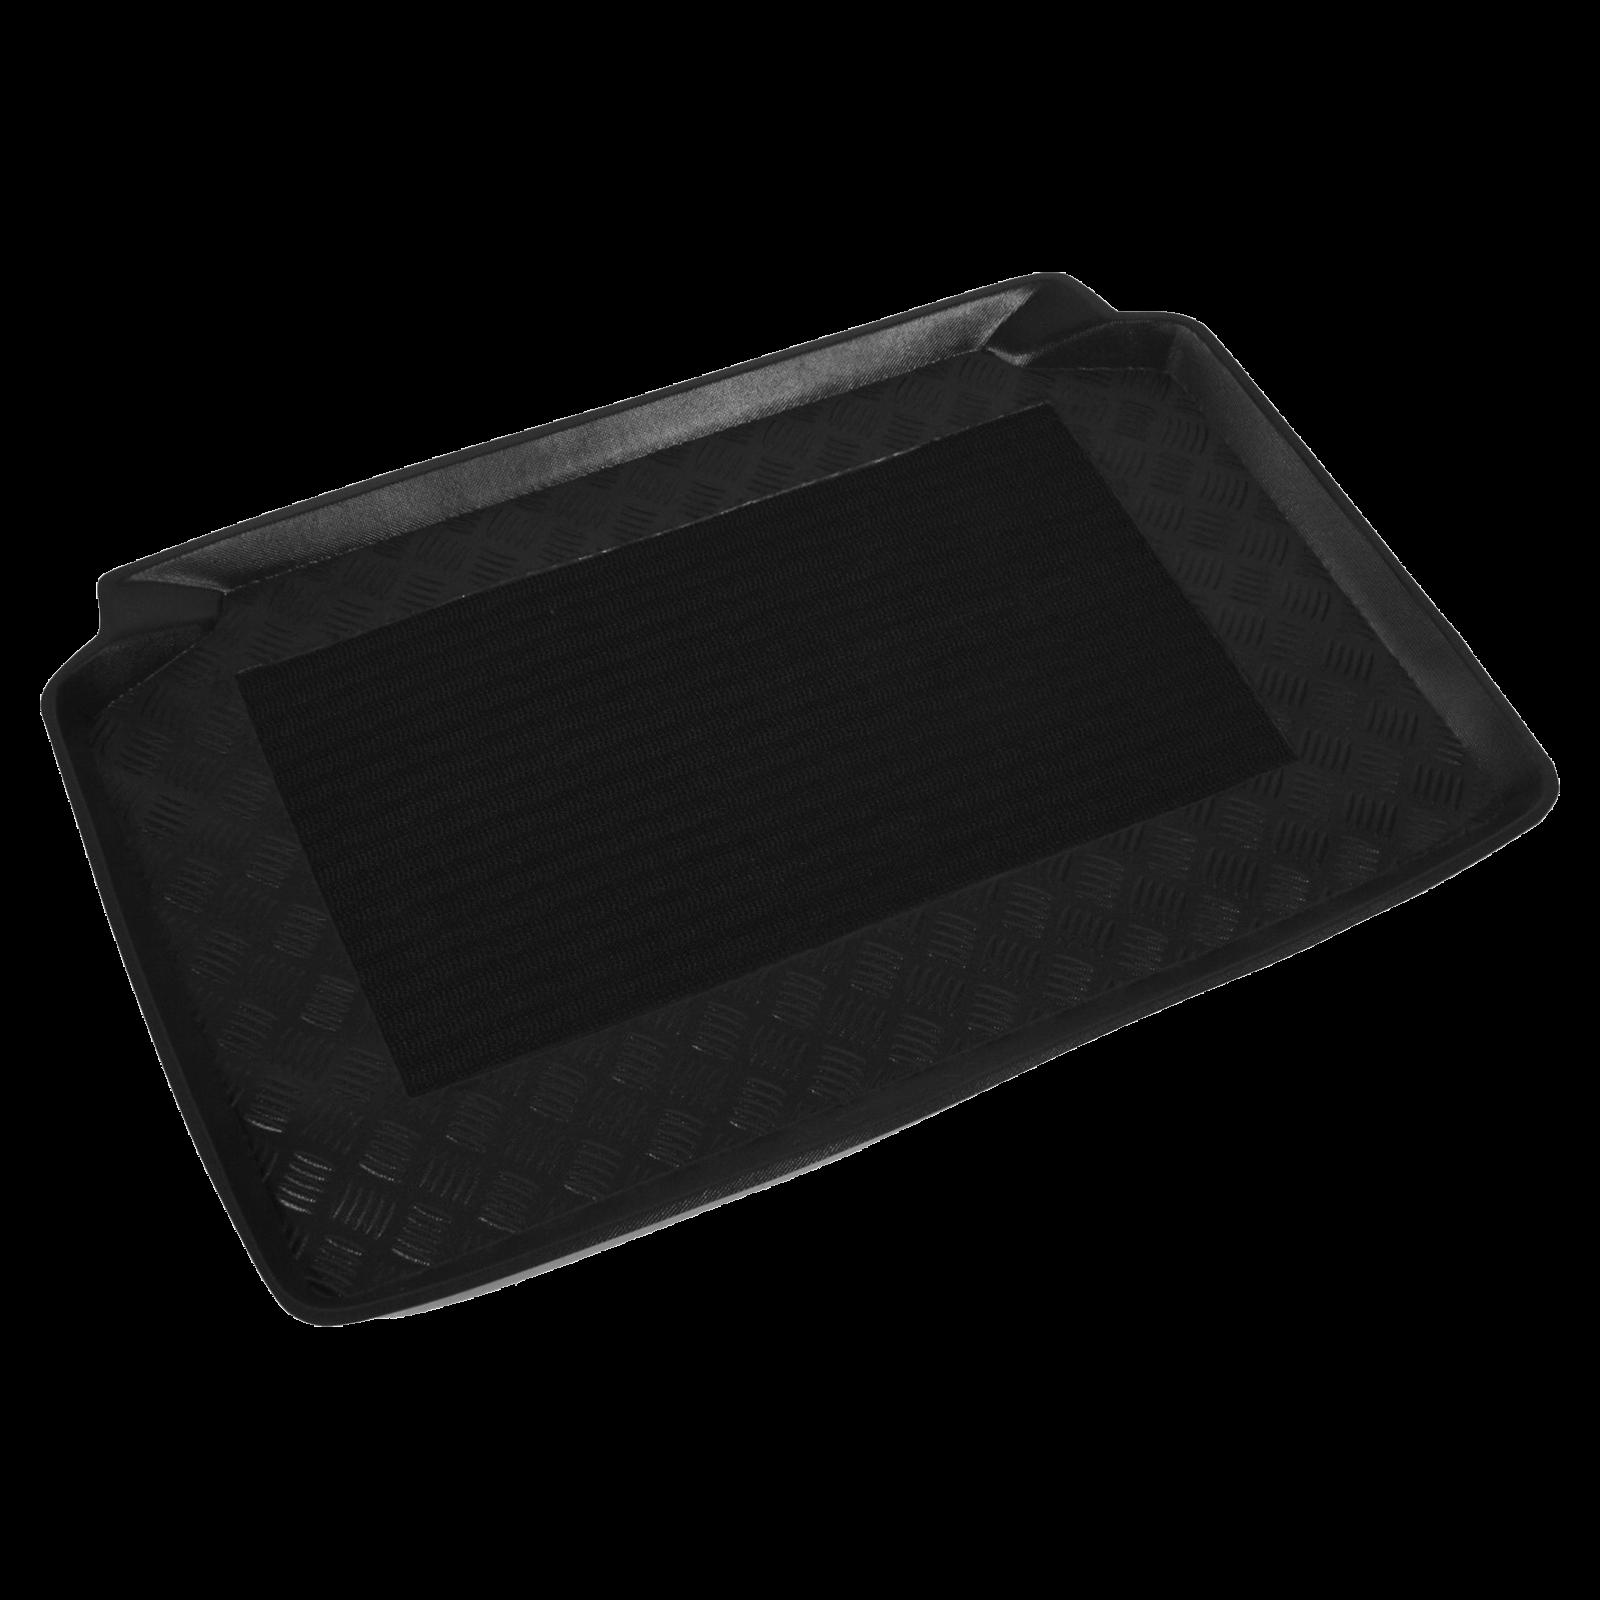 bac coffre noir pour ford b max van bj. Black Bedroom Furniture Sets. Home Design Ideas